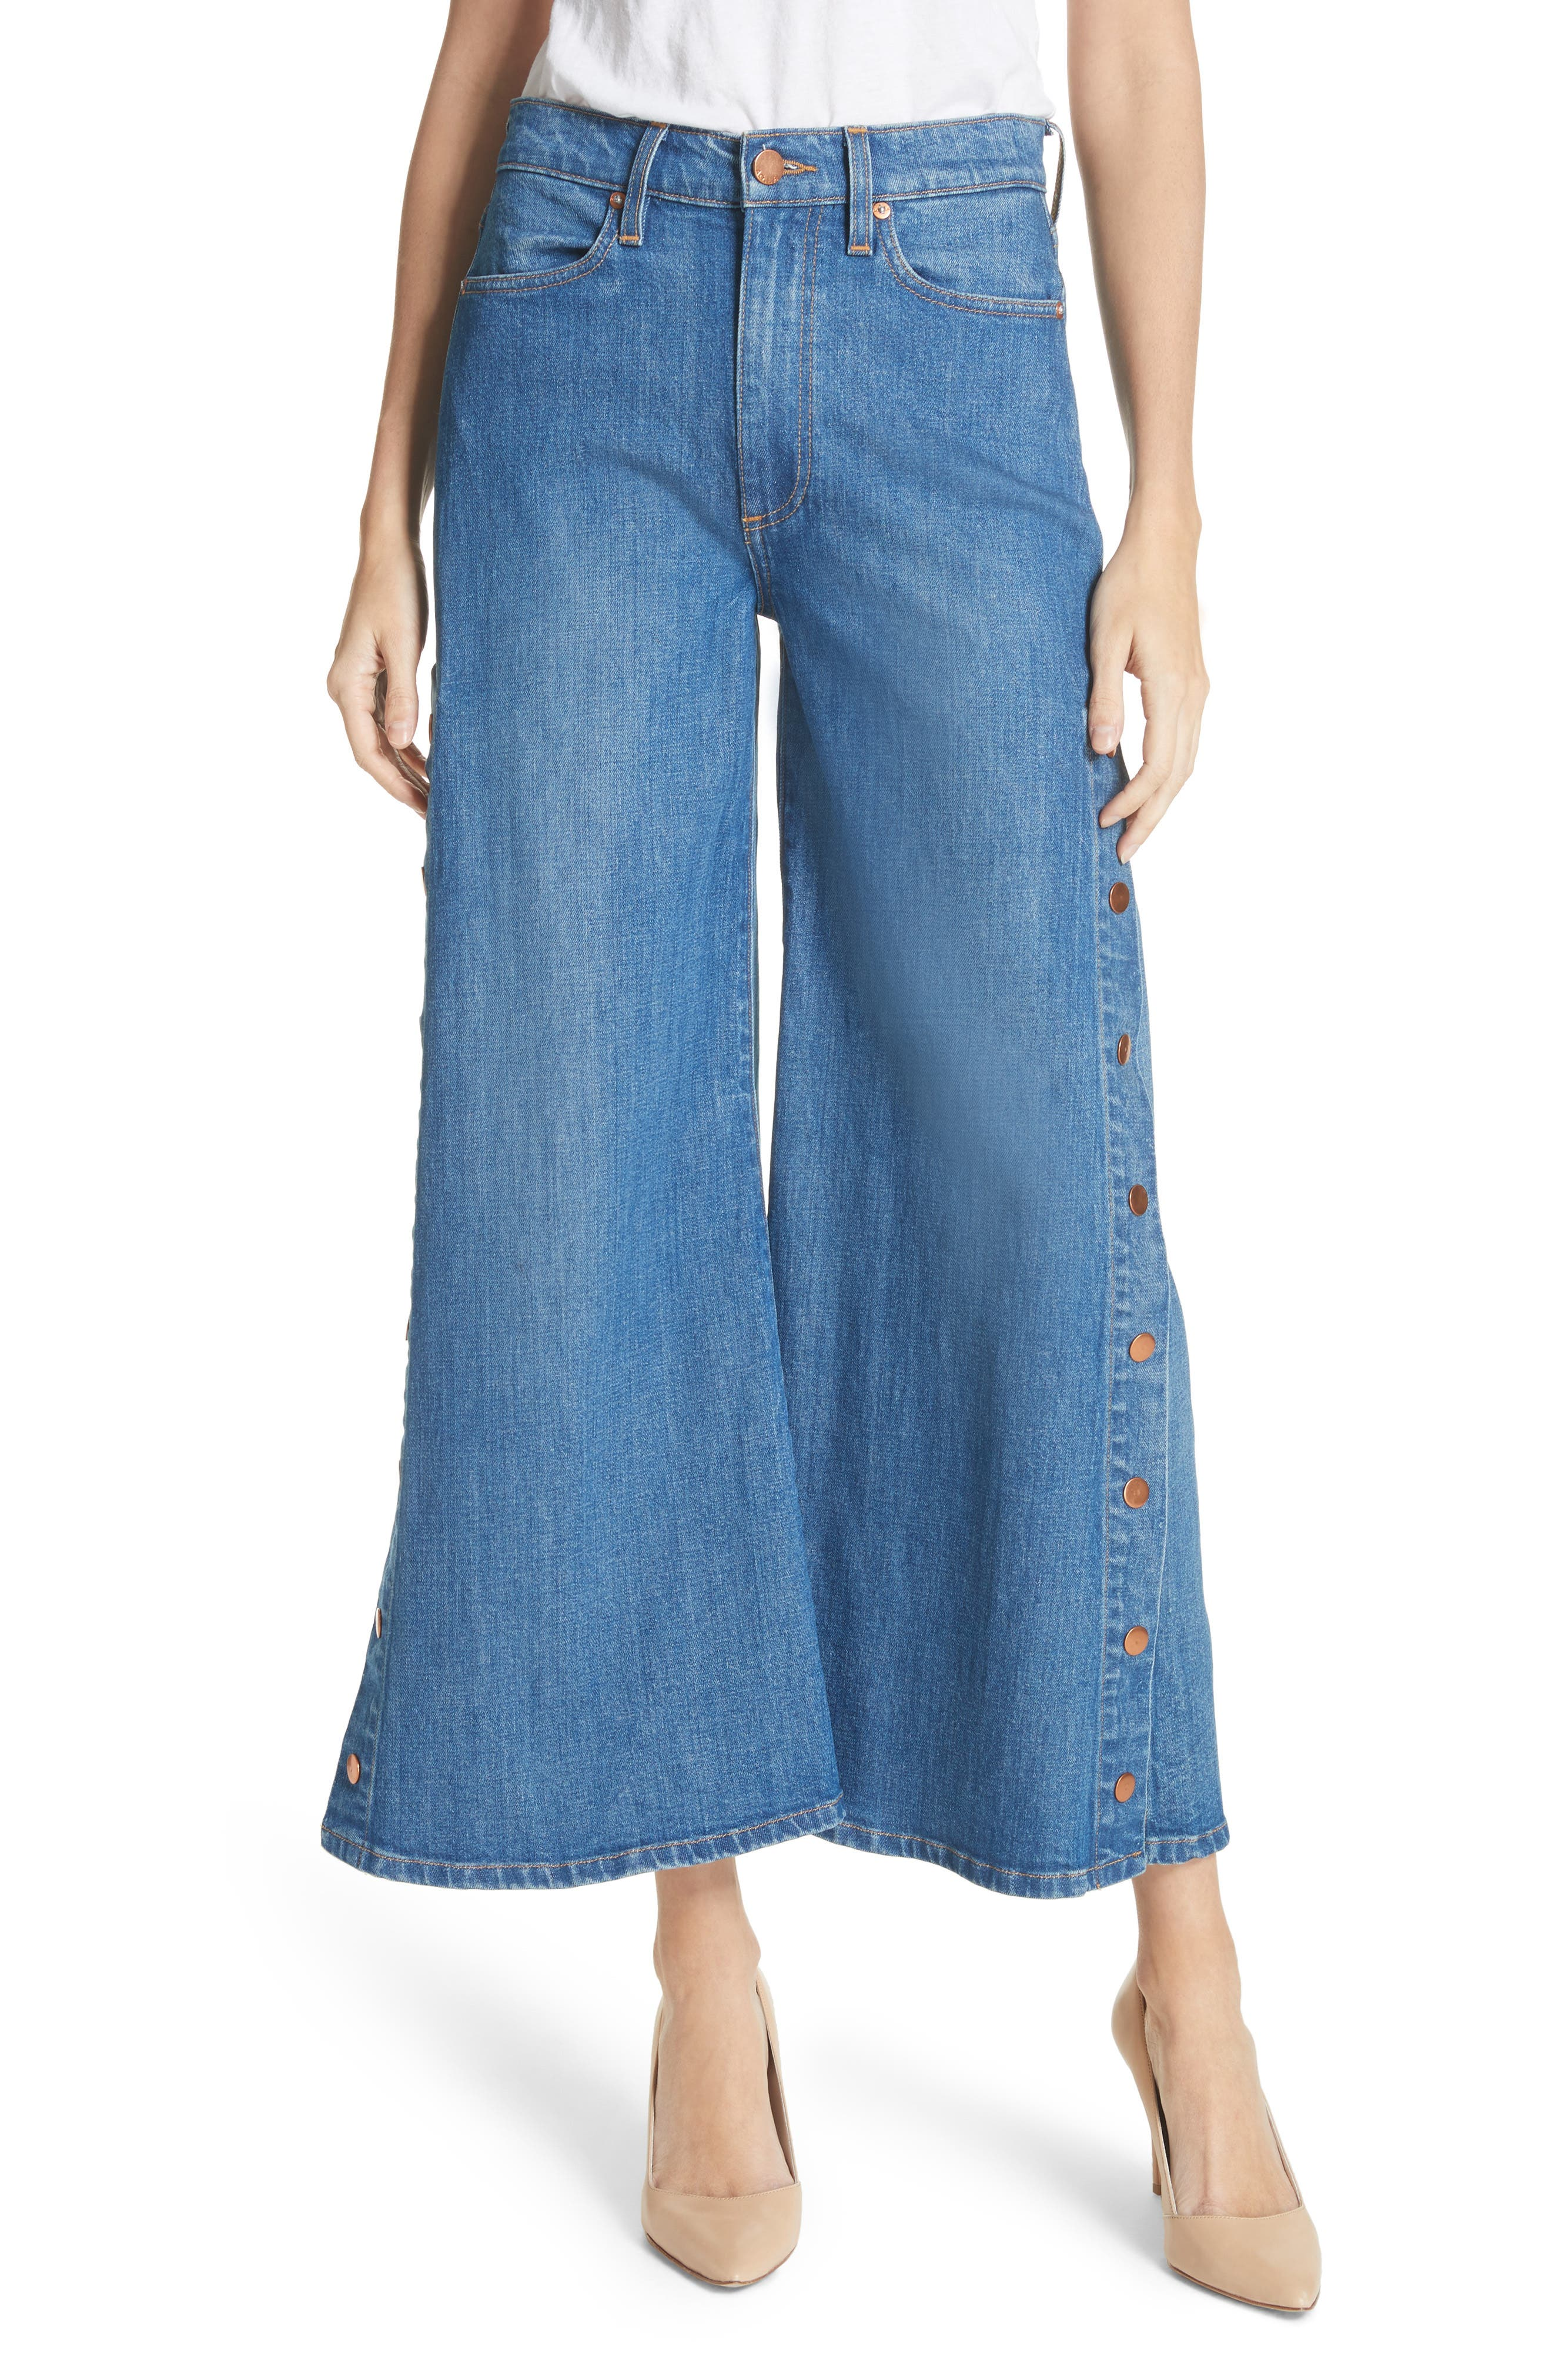 AO.LA Gorgeous Snap Side Crop Flare Jeans,                             Main thumbnail 1, color,                             460